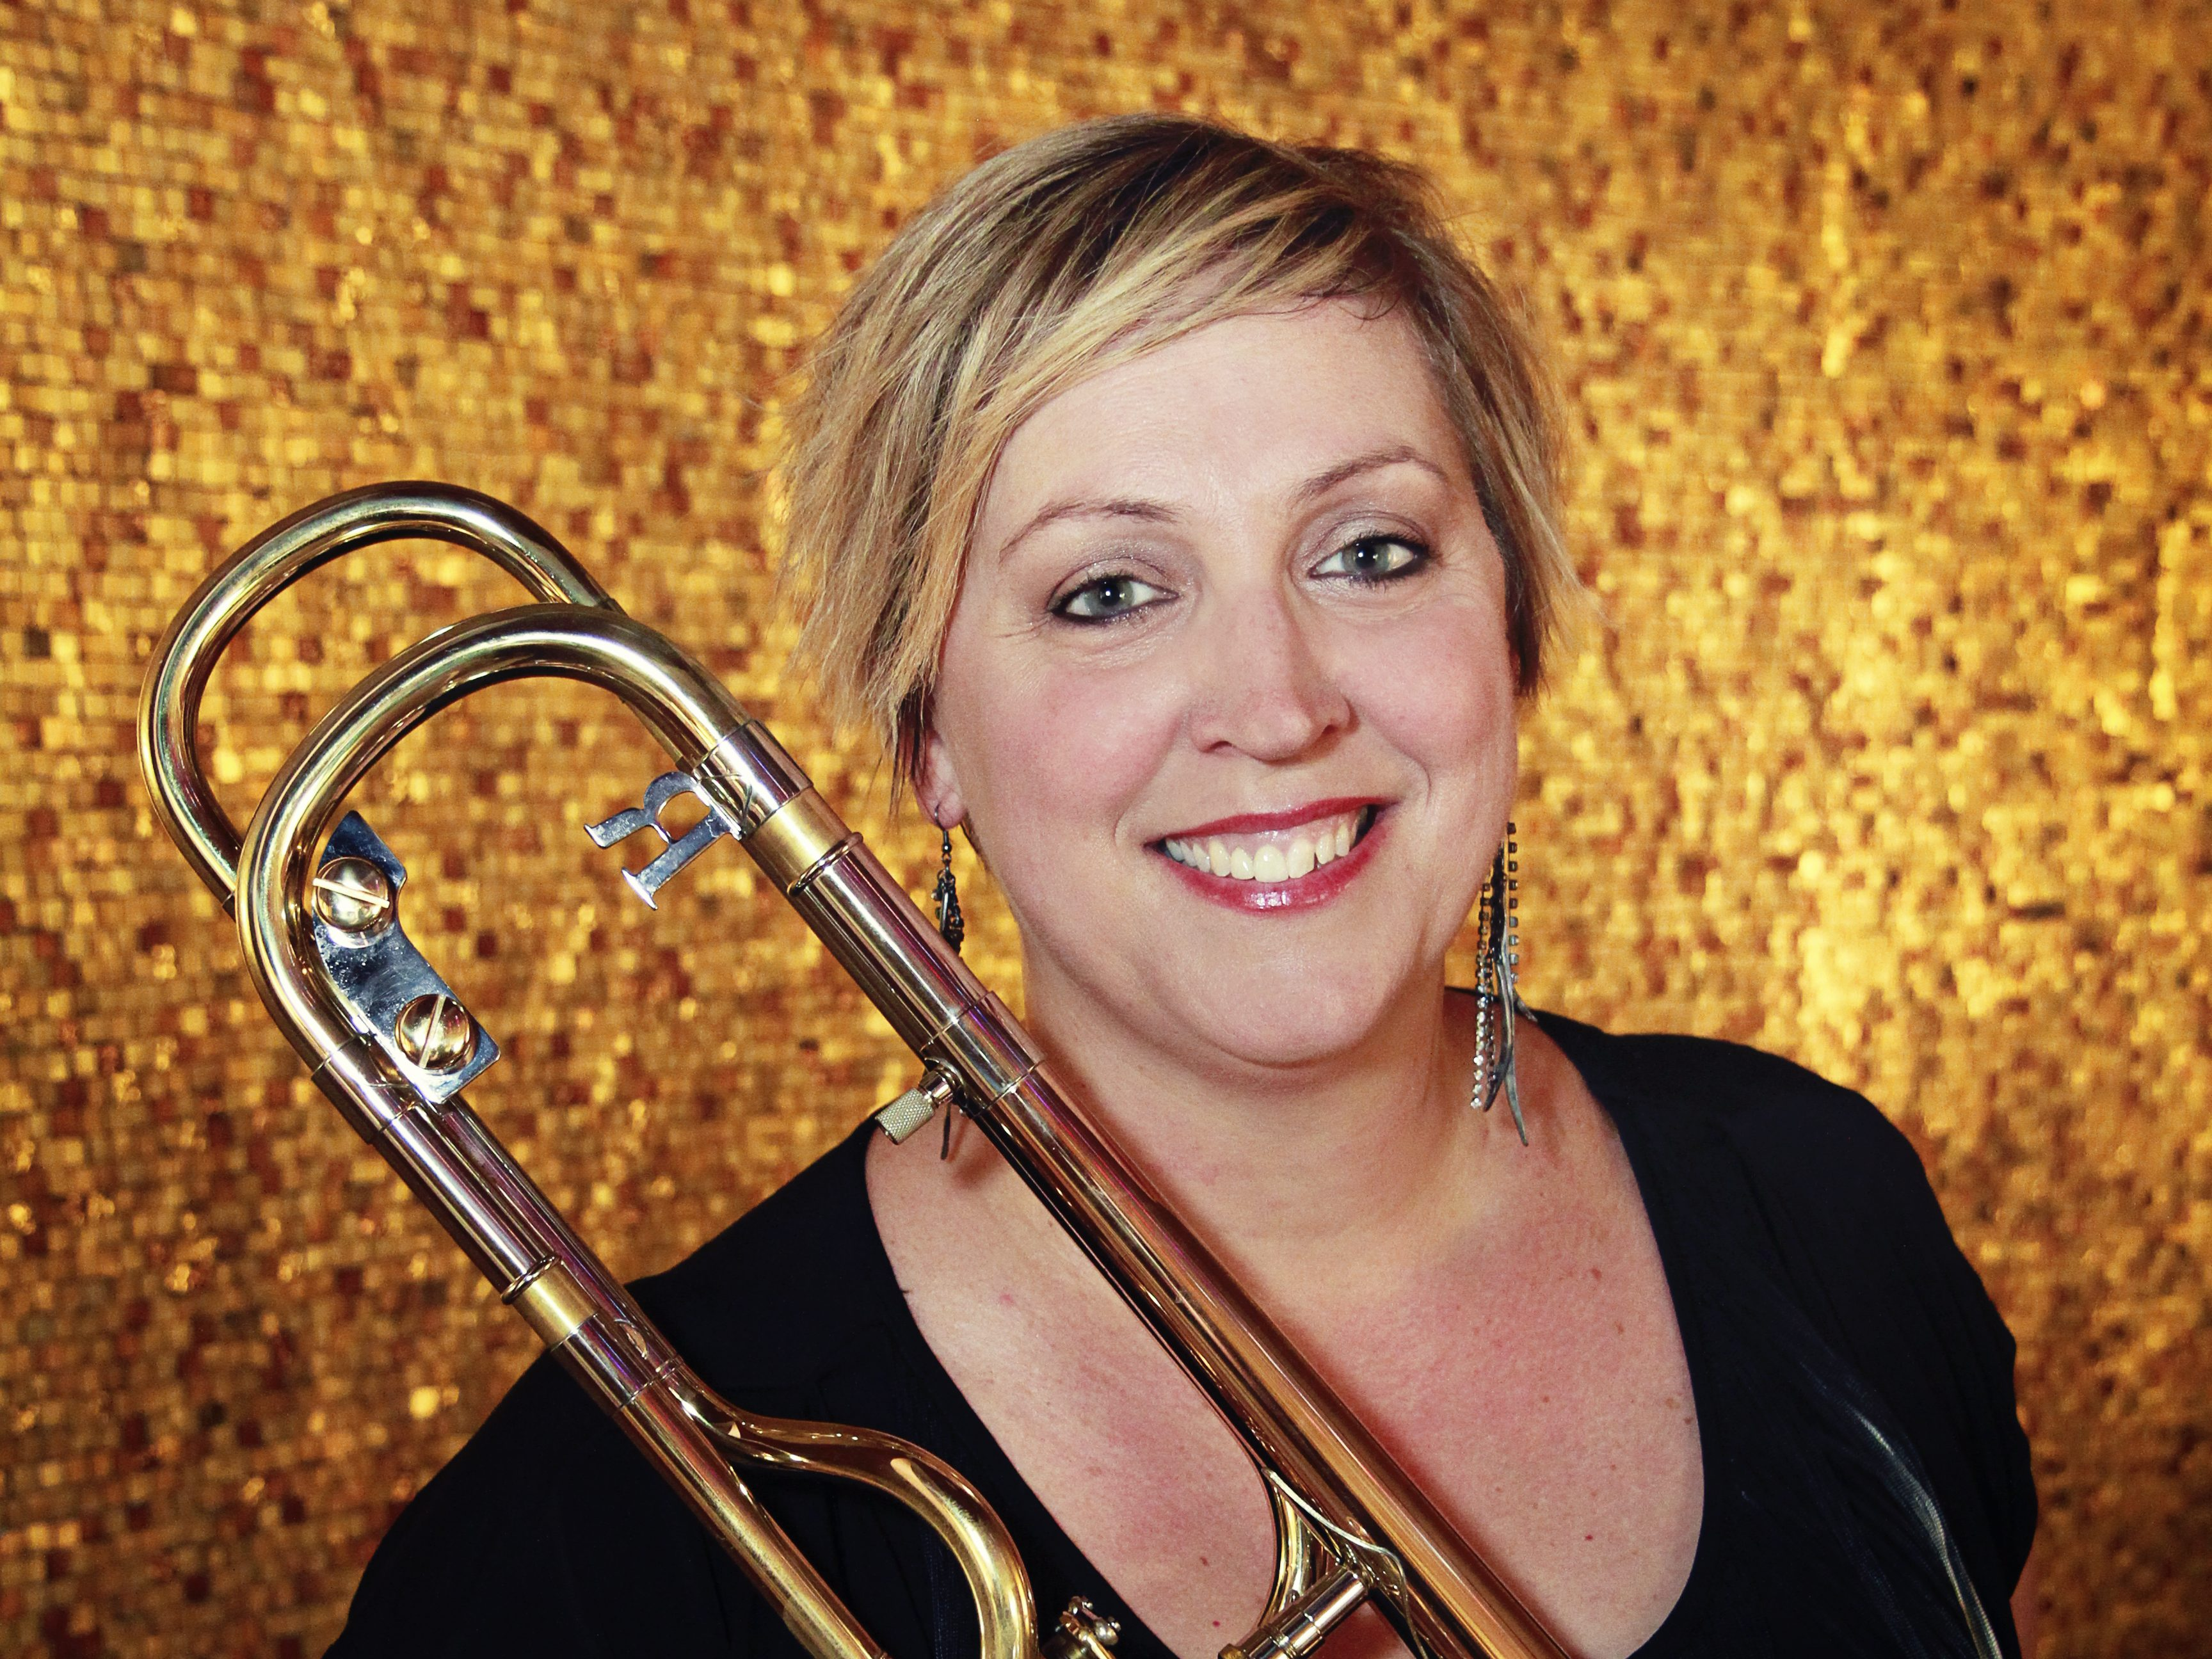 Dr. Karen Marston, Trombone